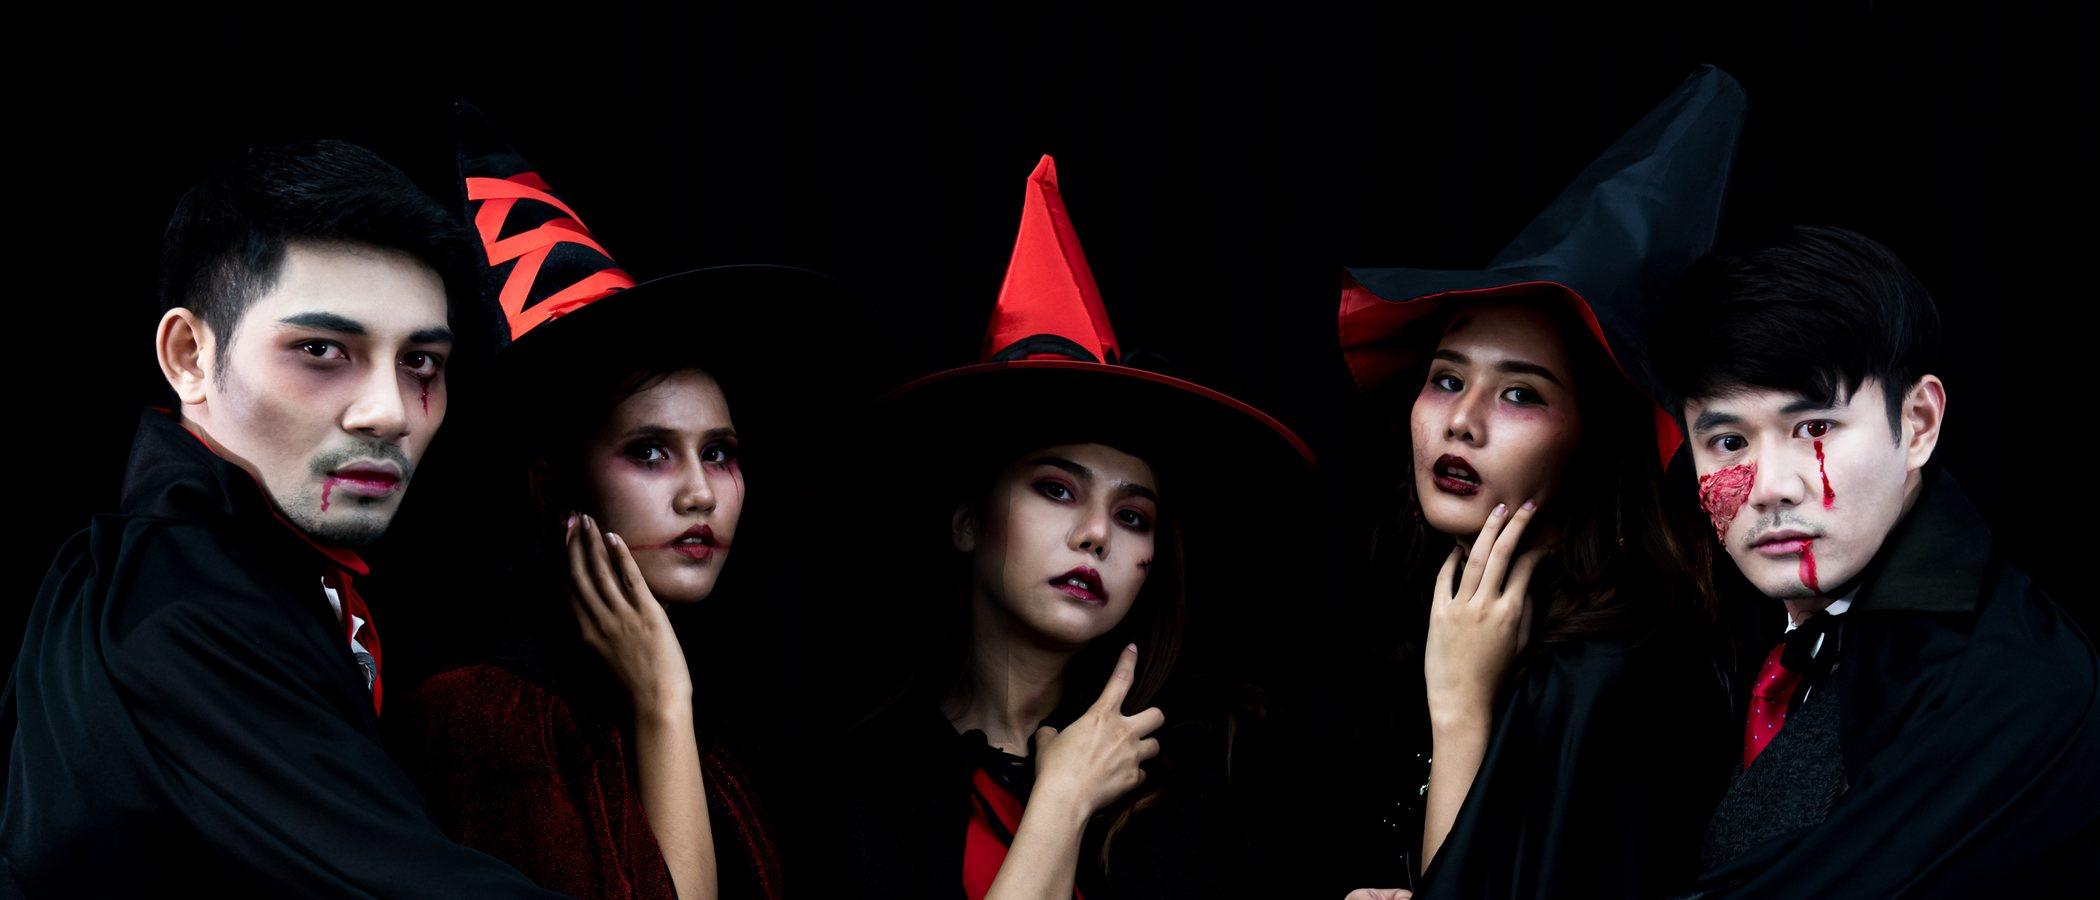 5 disfraces fáciles para triunfar en Halloween